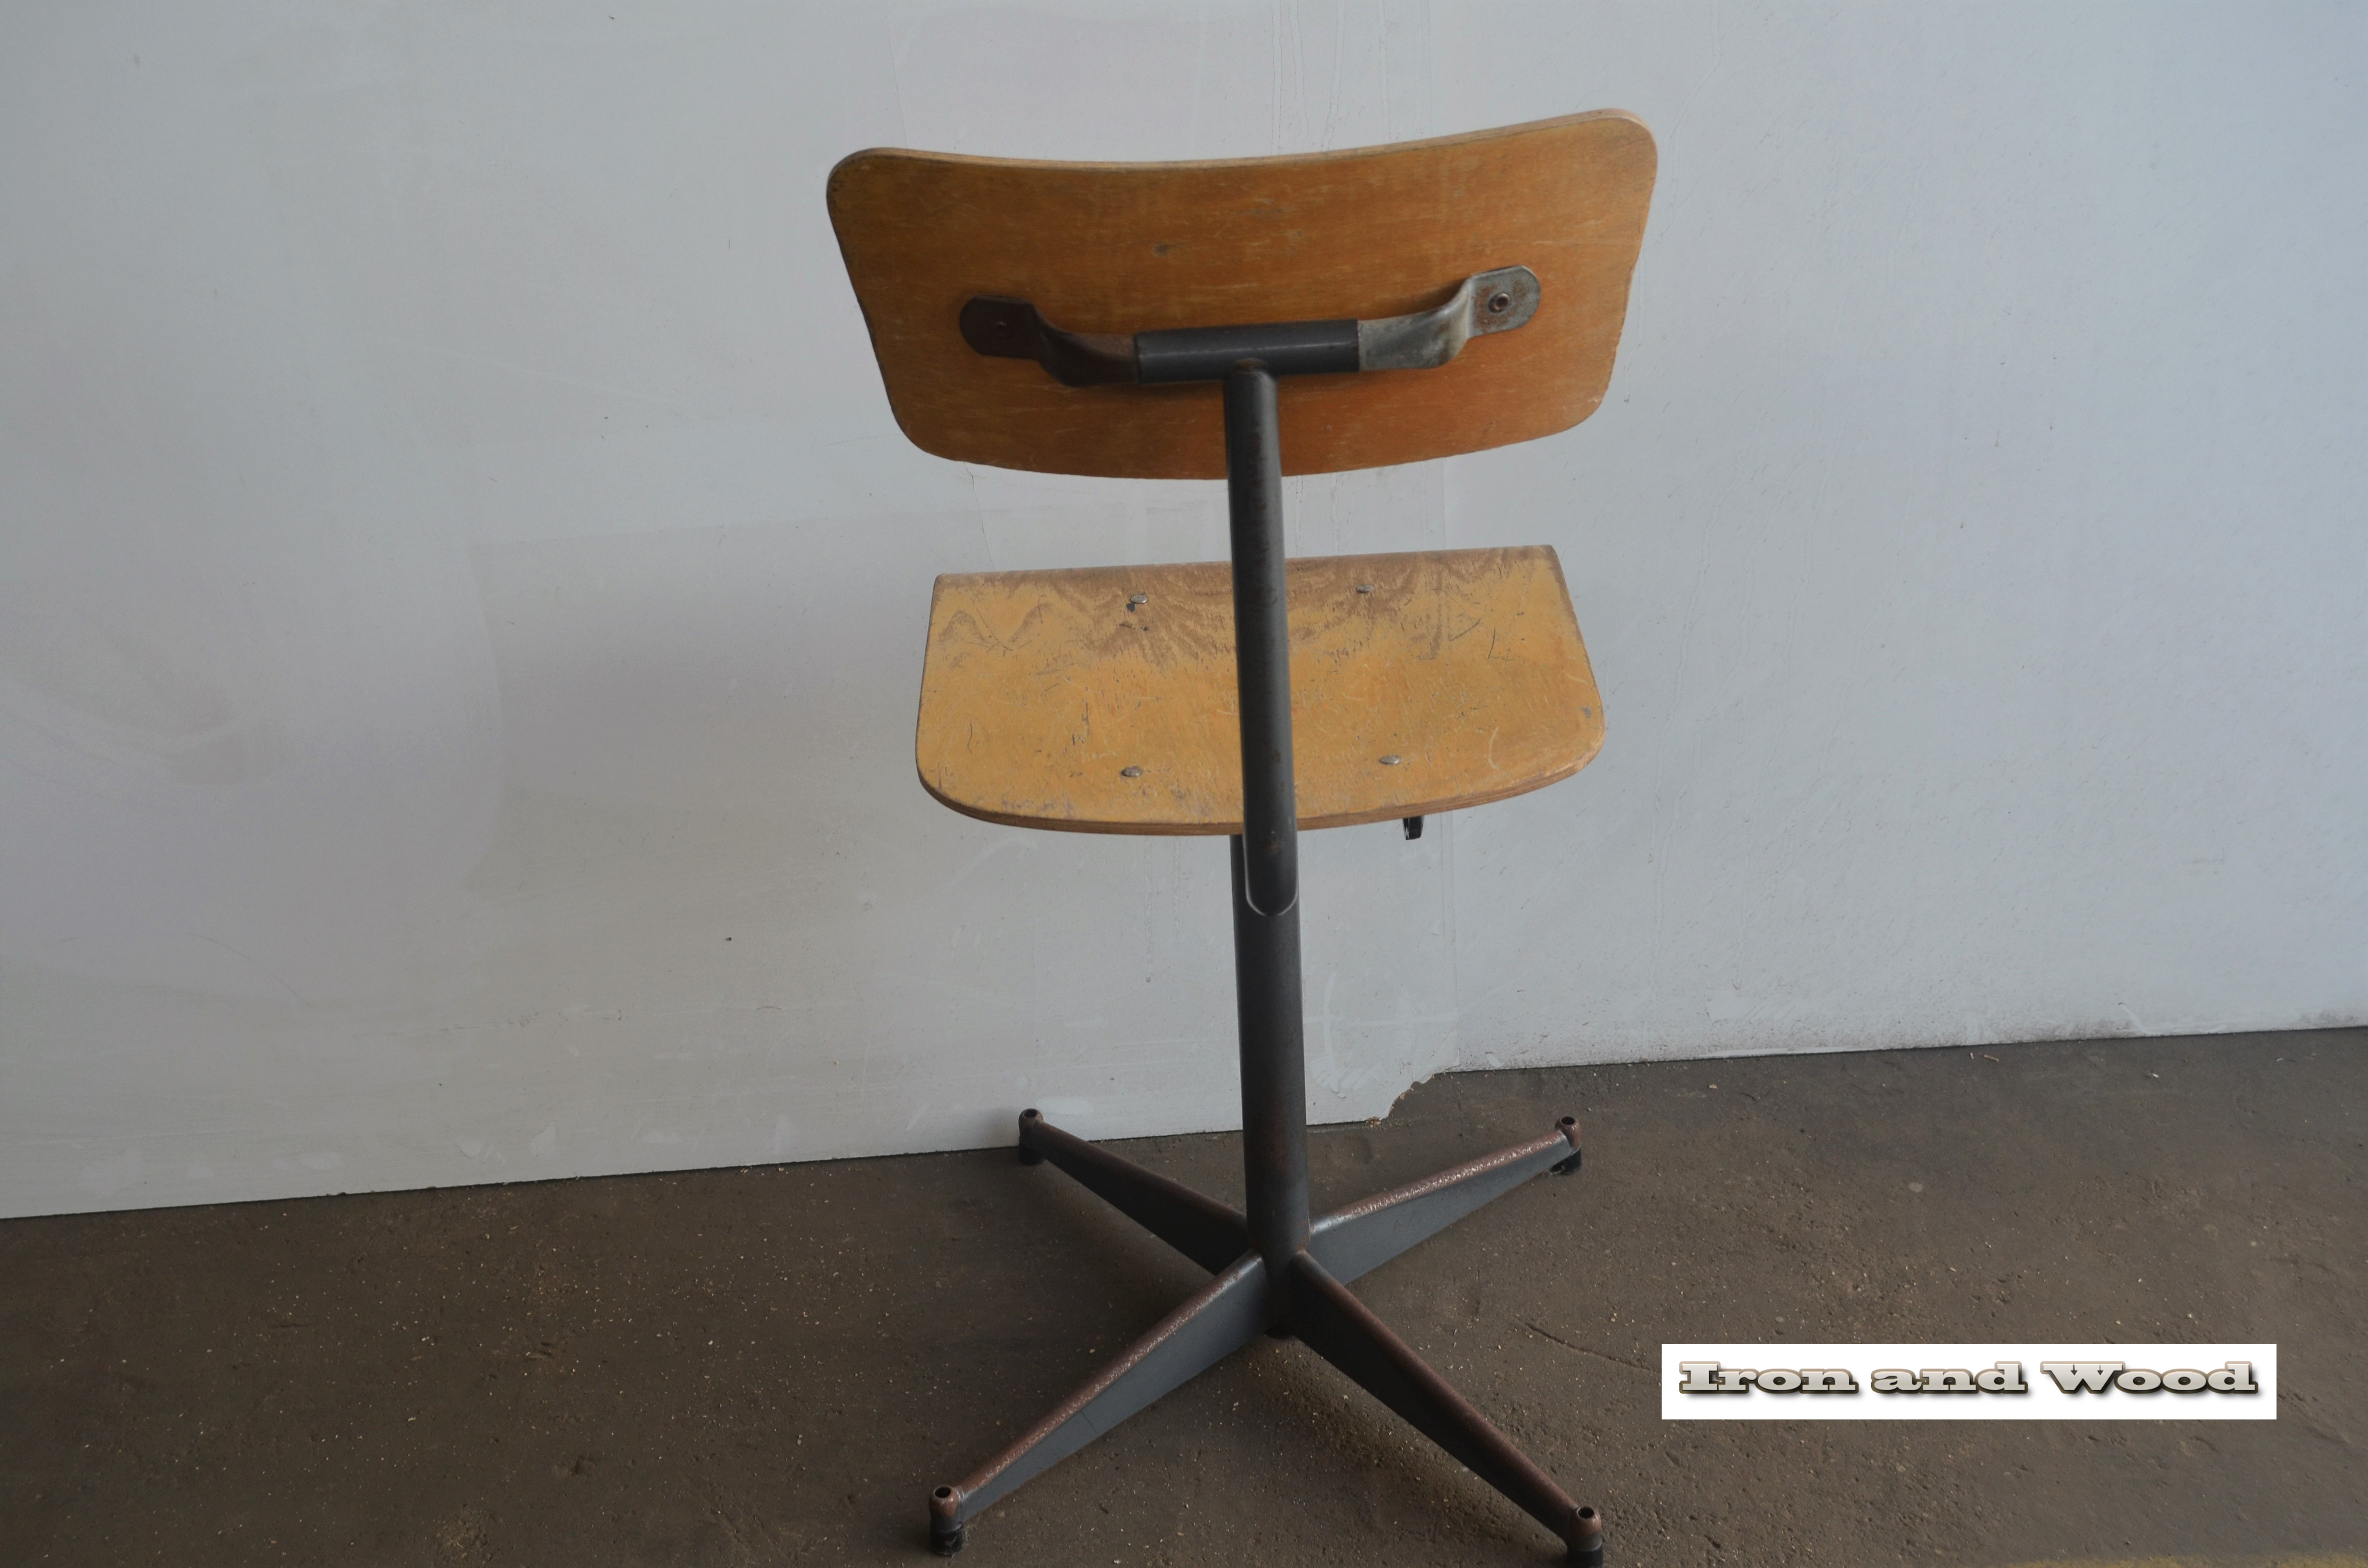 Mooie oude industriele vintage stalen bureaustoel met houten zitting